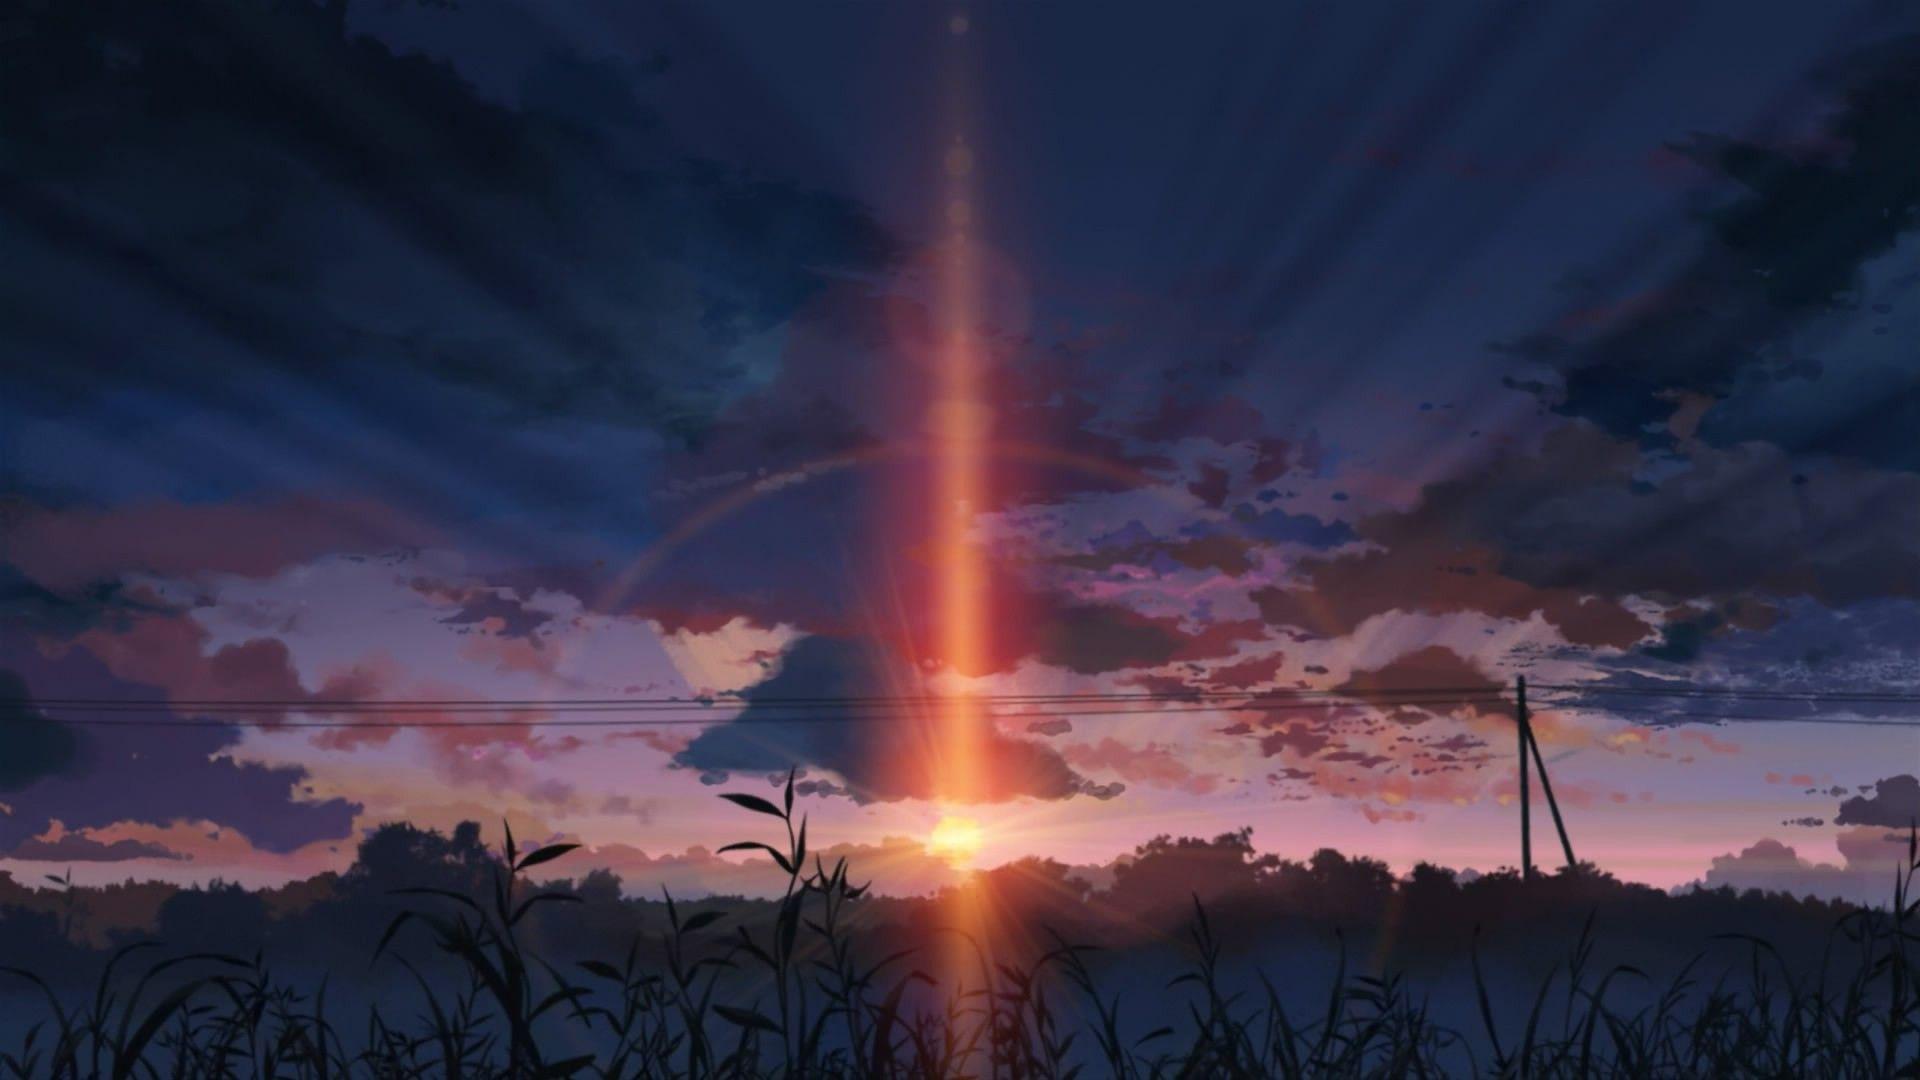 Pin By Kaixuan Zhou On Diseno De Personajes Anime Scenery Landscape Wallpaper Anime Wallpaper